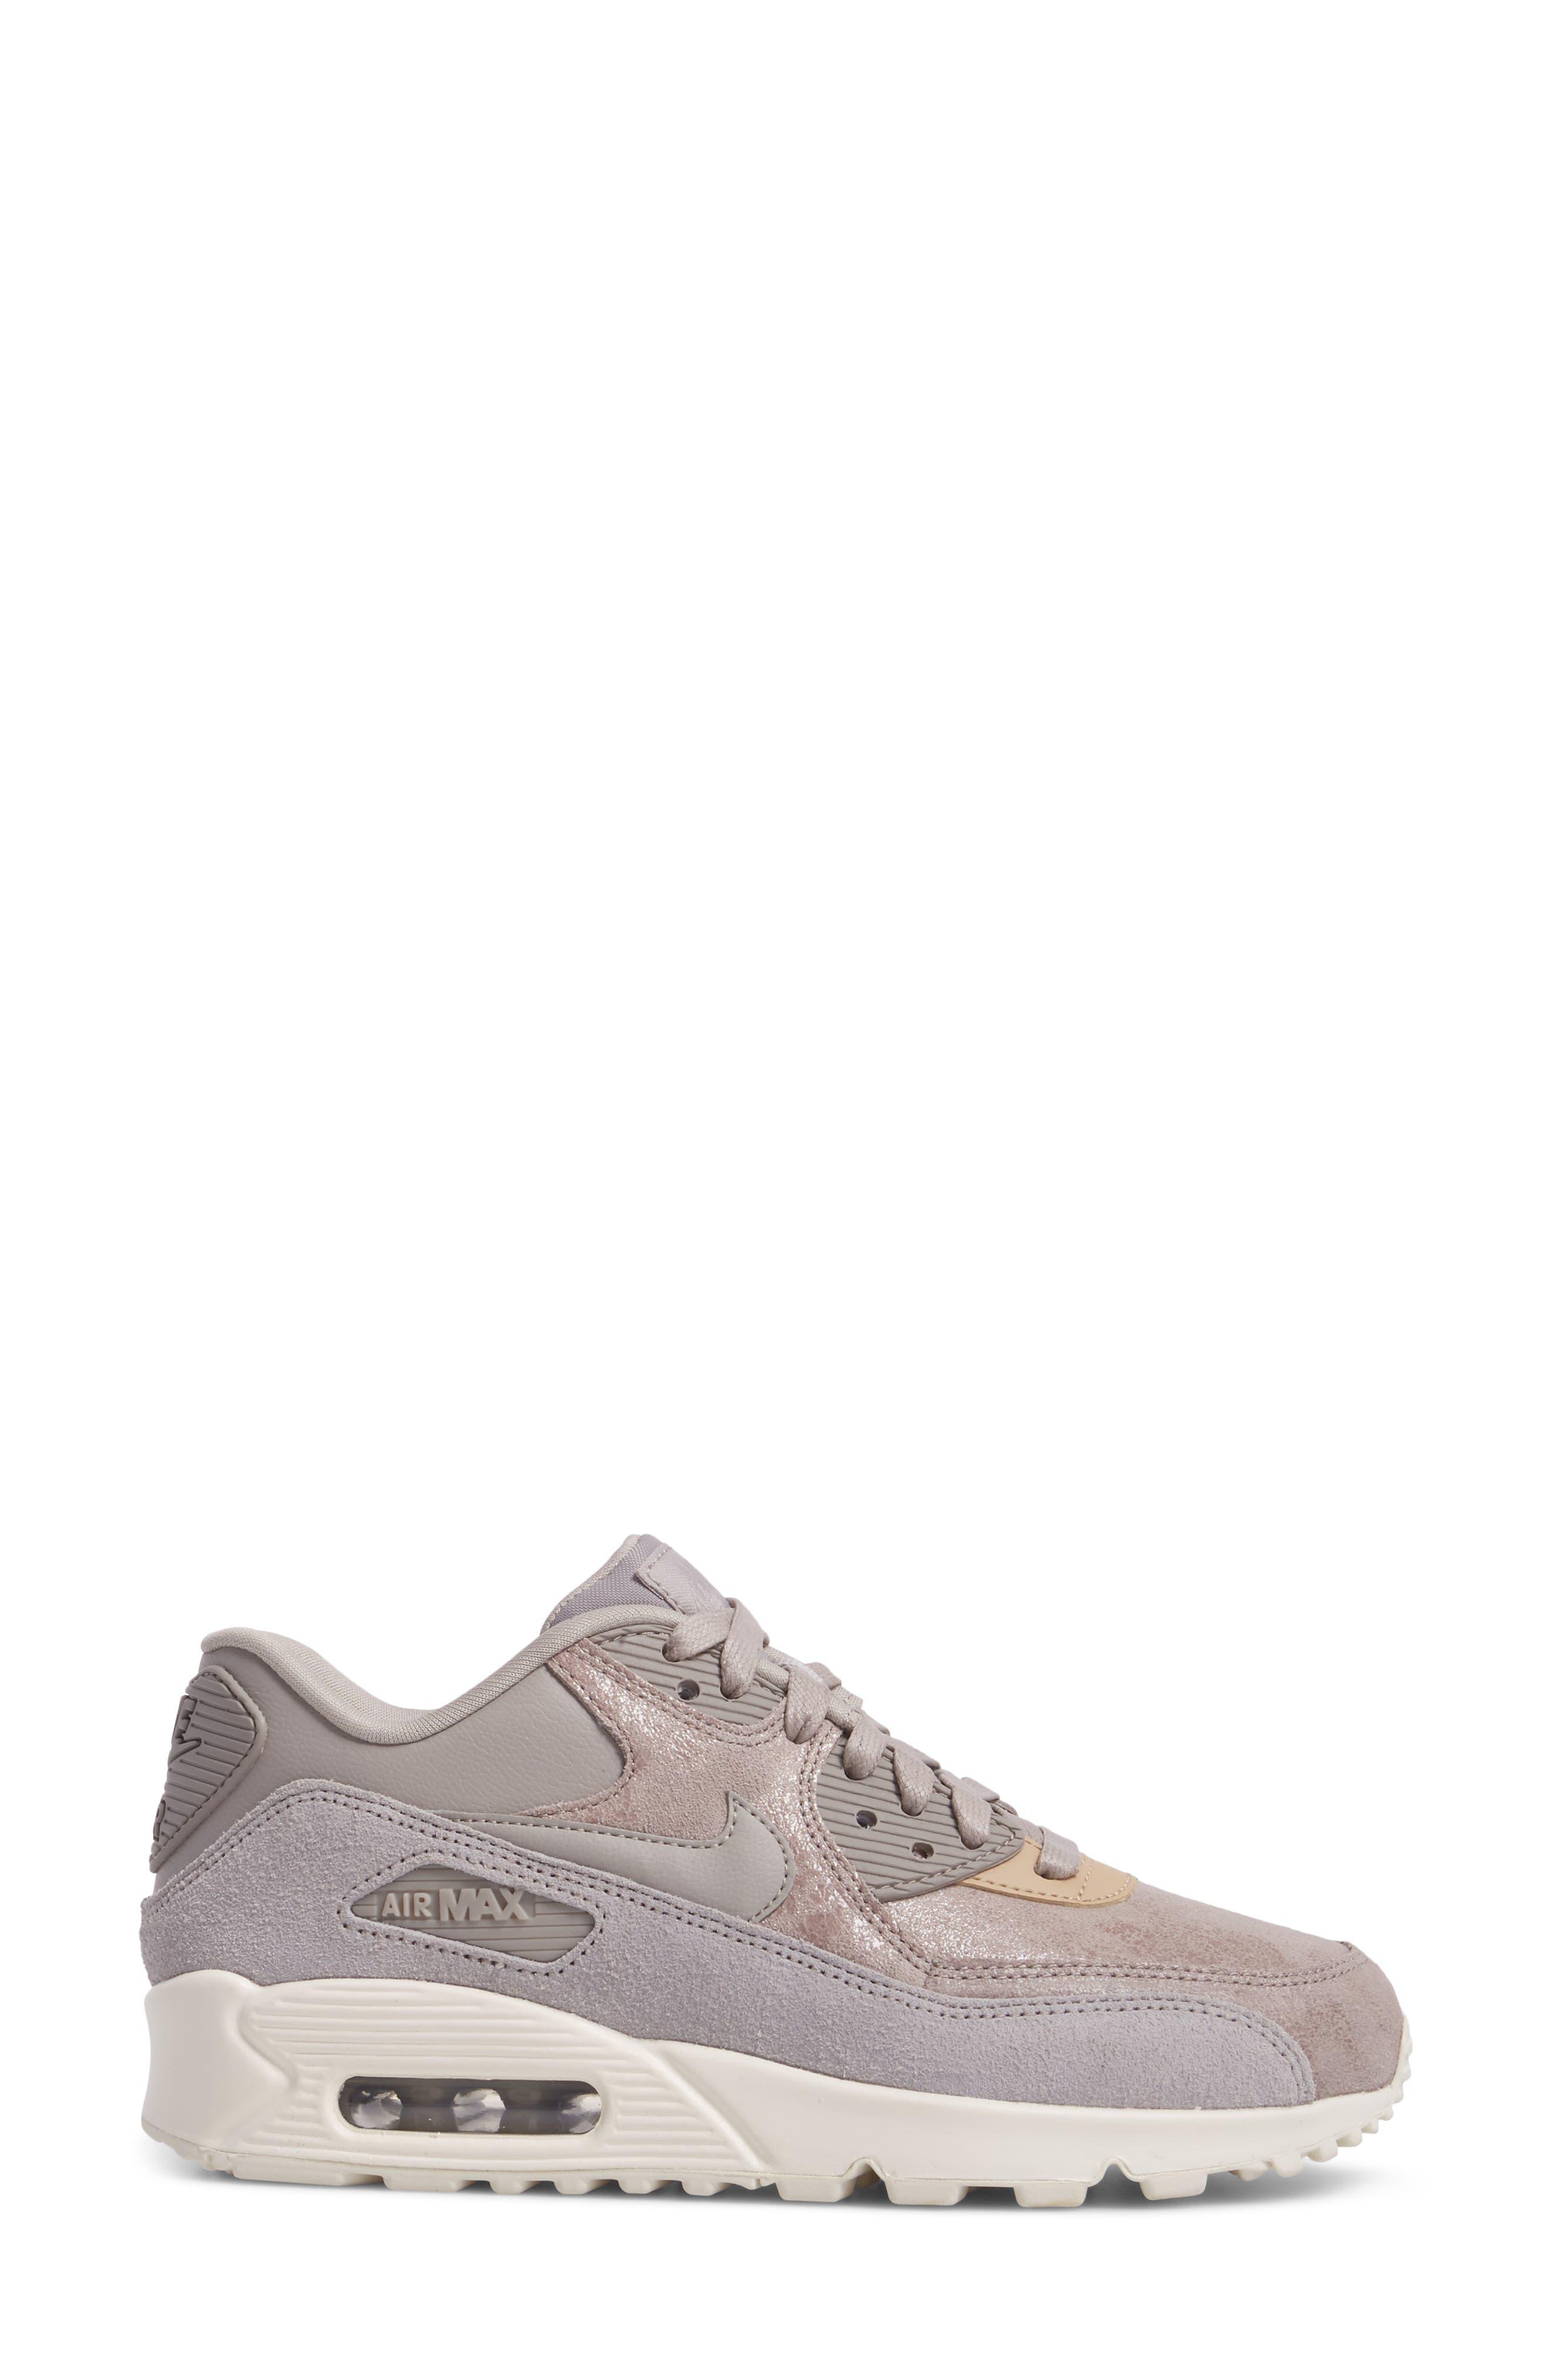 Alternate Image 3  - Nike Air Max 90 Premium Sneaker (Women)